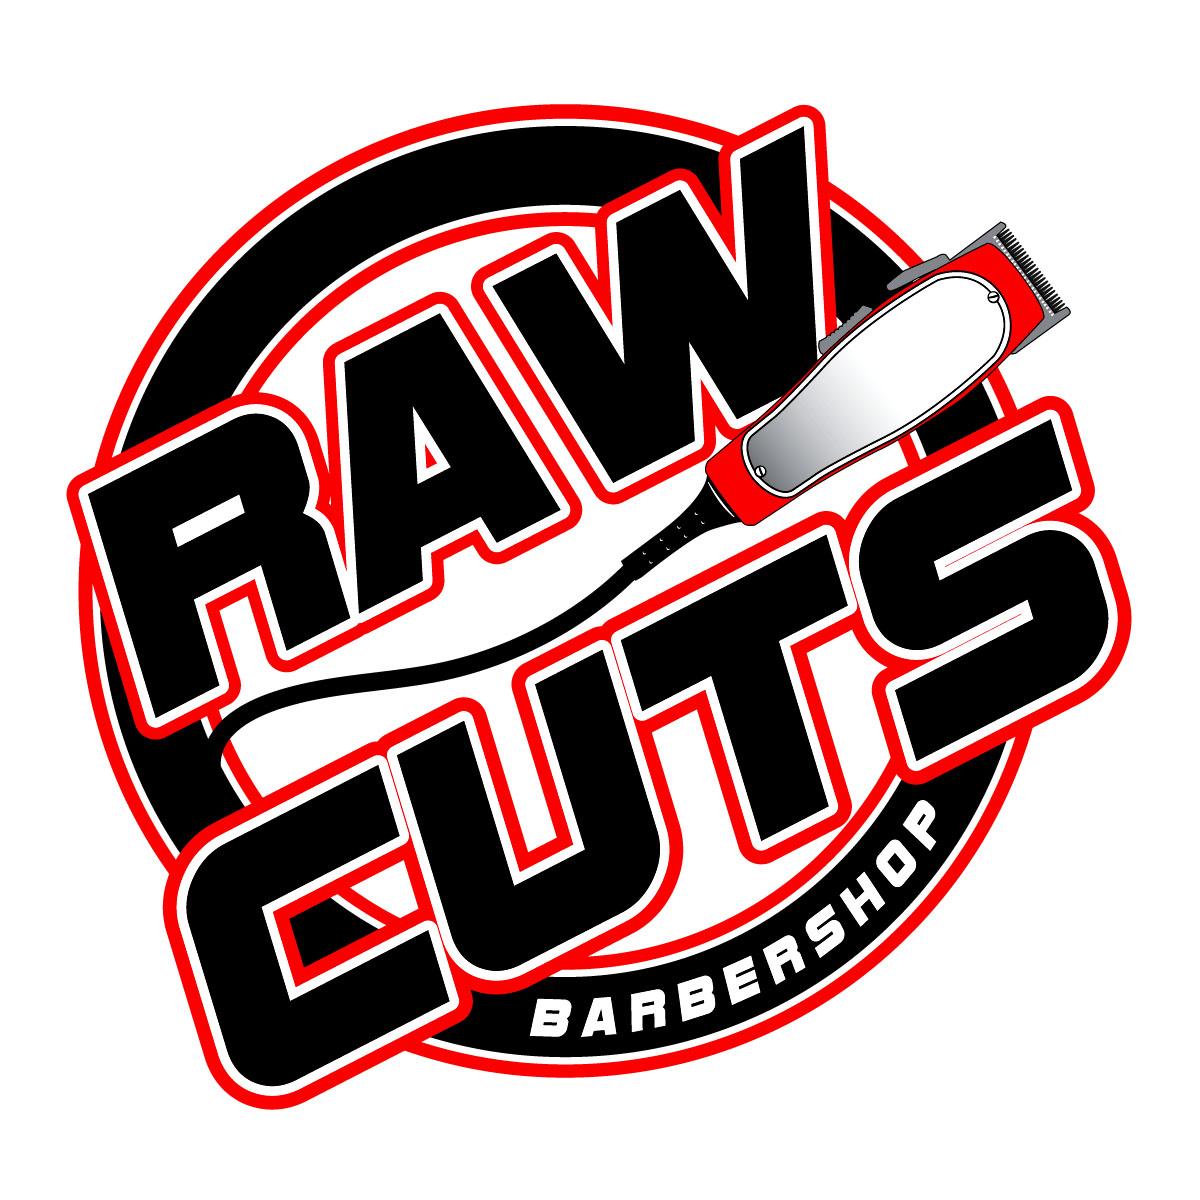 Raw Cuts Barbershop